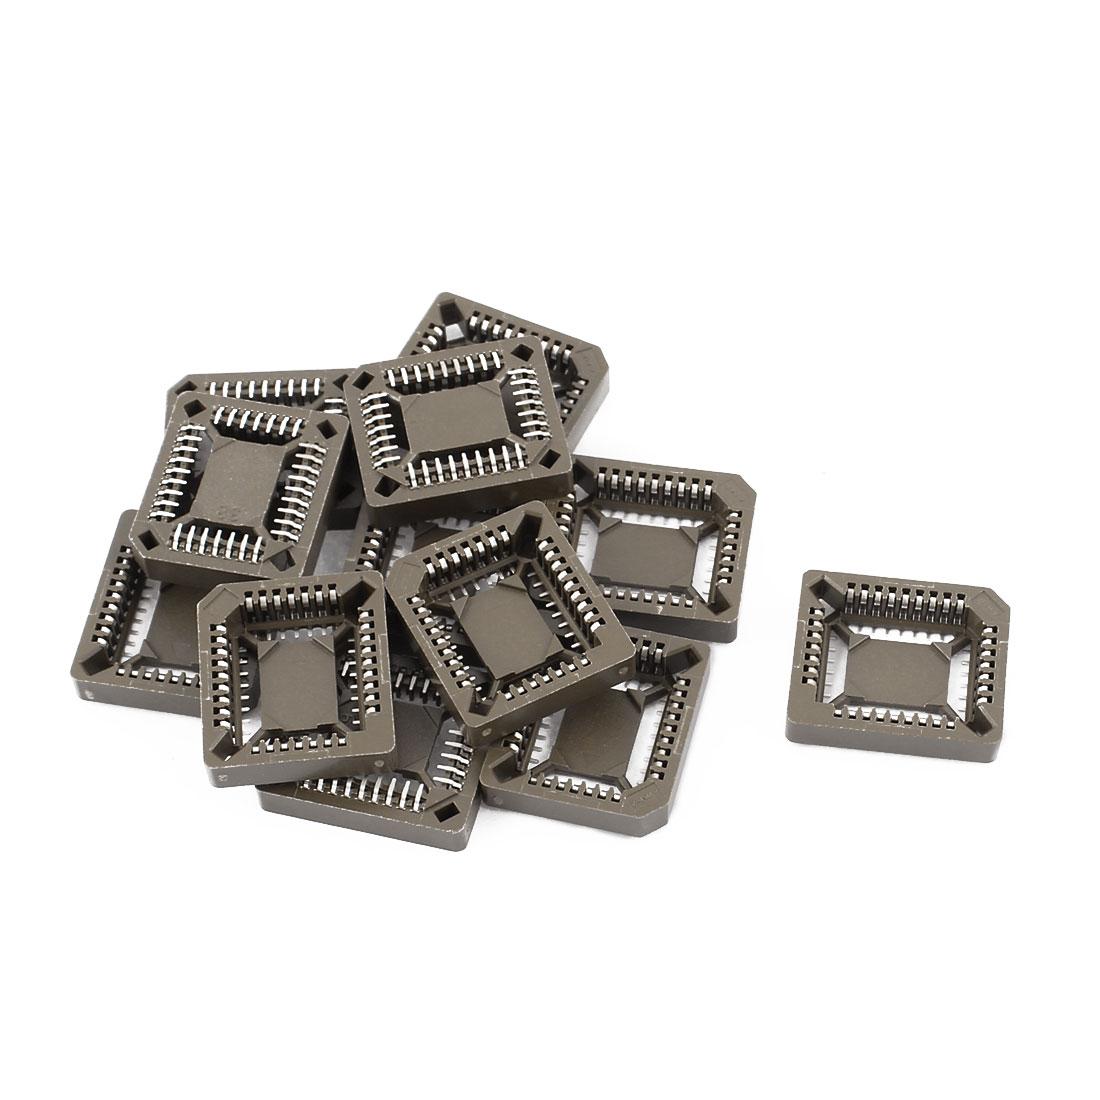 12 Pcs PLCC 32 SMT Surface Mount IC Socket for SMT Chips 20mm x 17mm